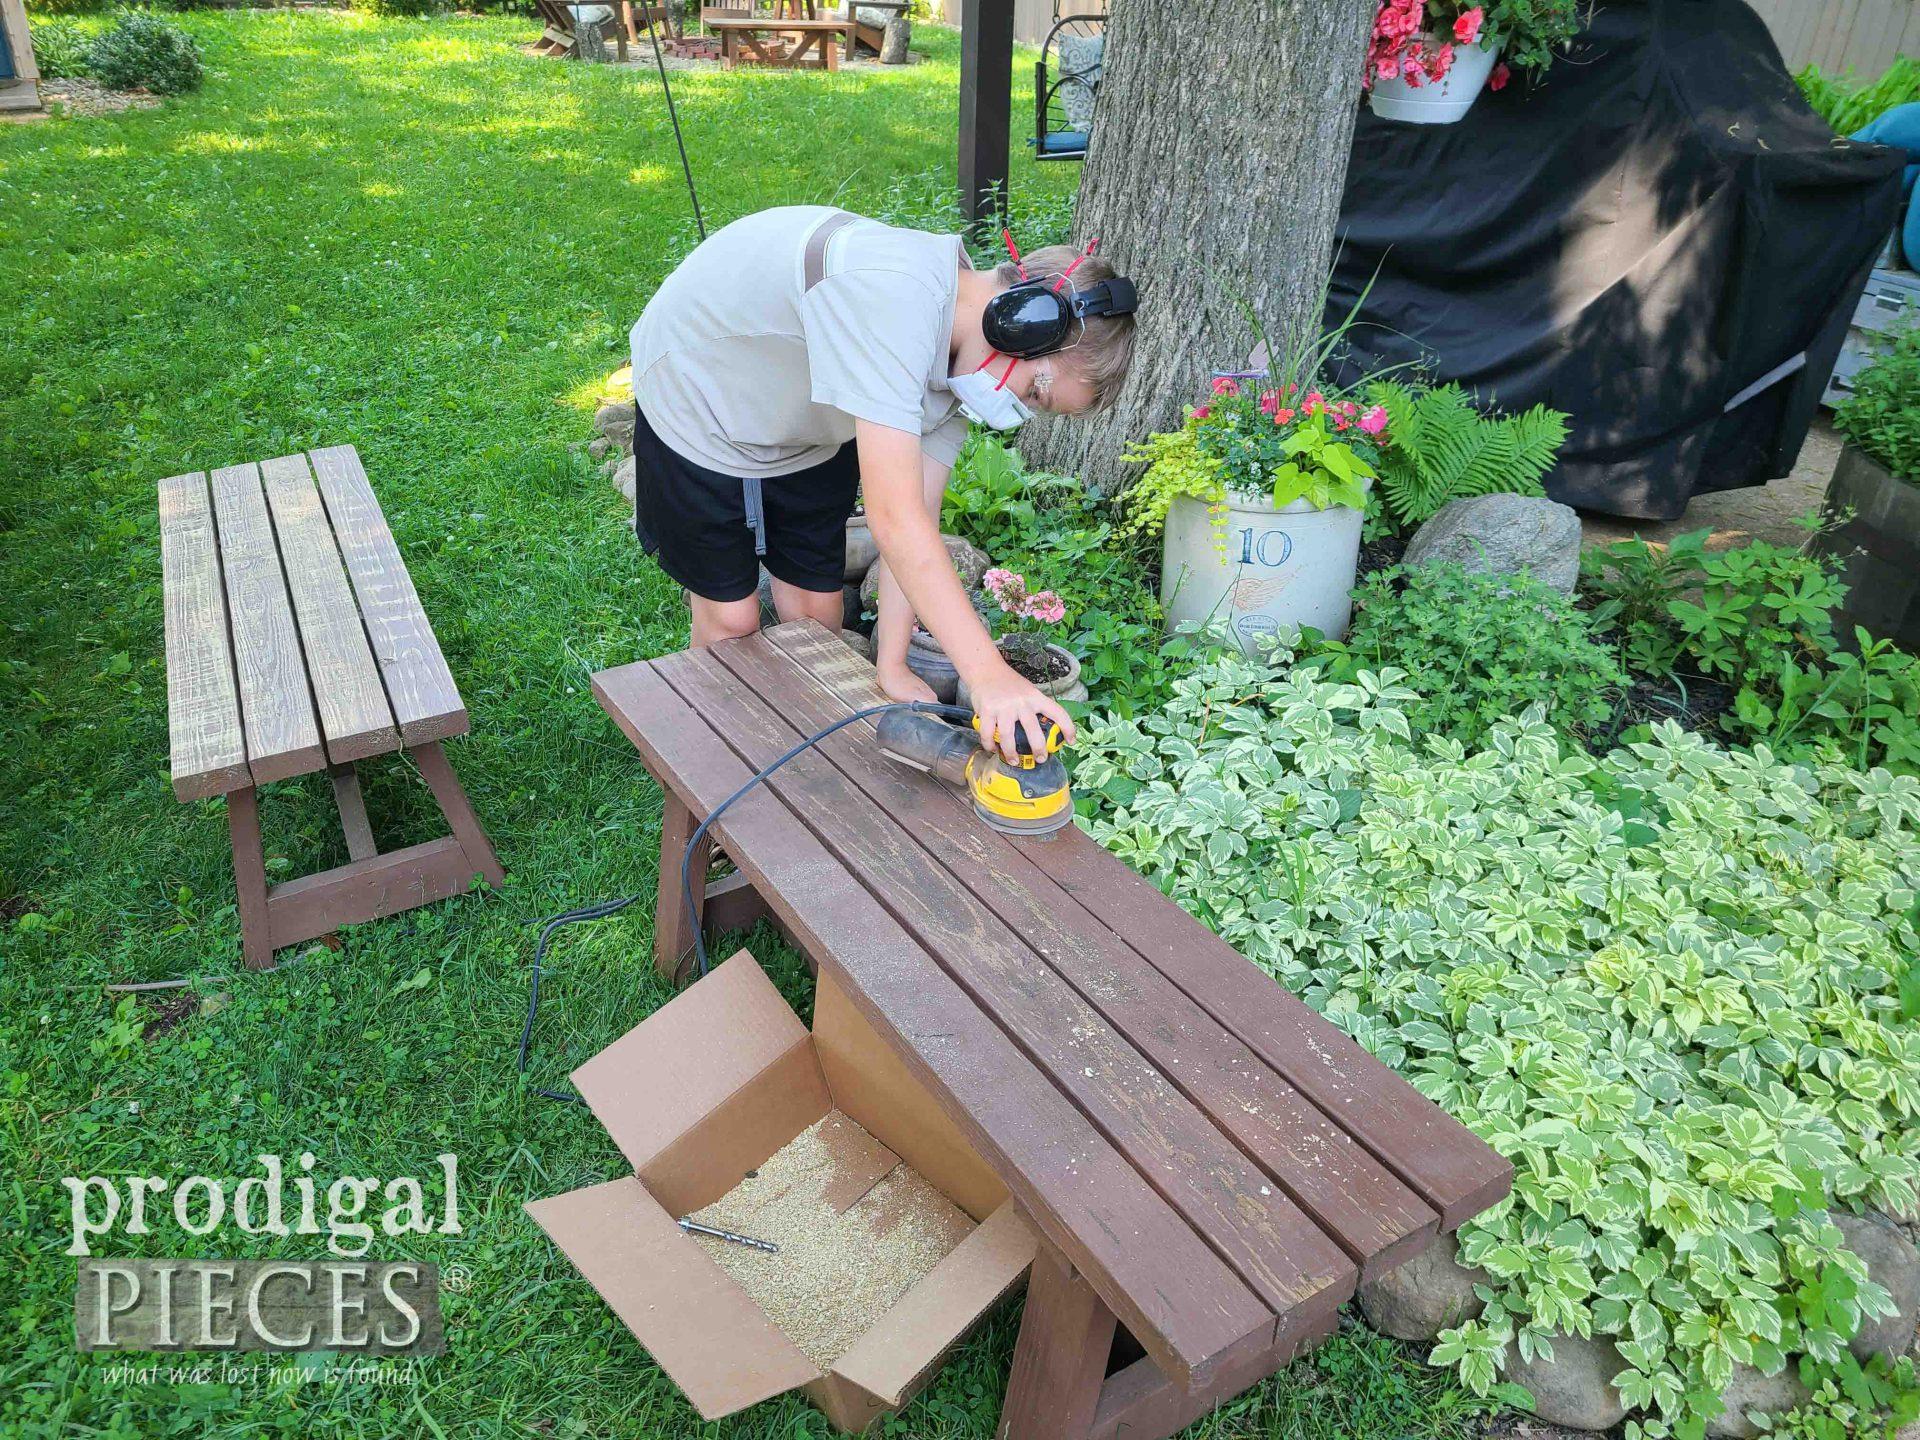 Boy Sanding Patio Bench | prodigalpieces.com